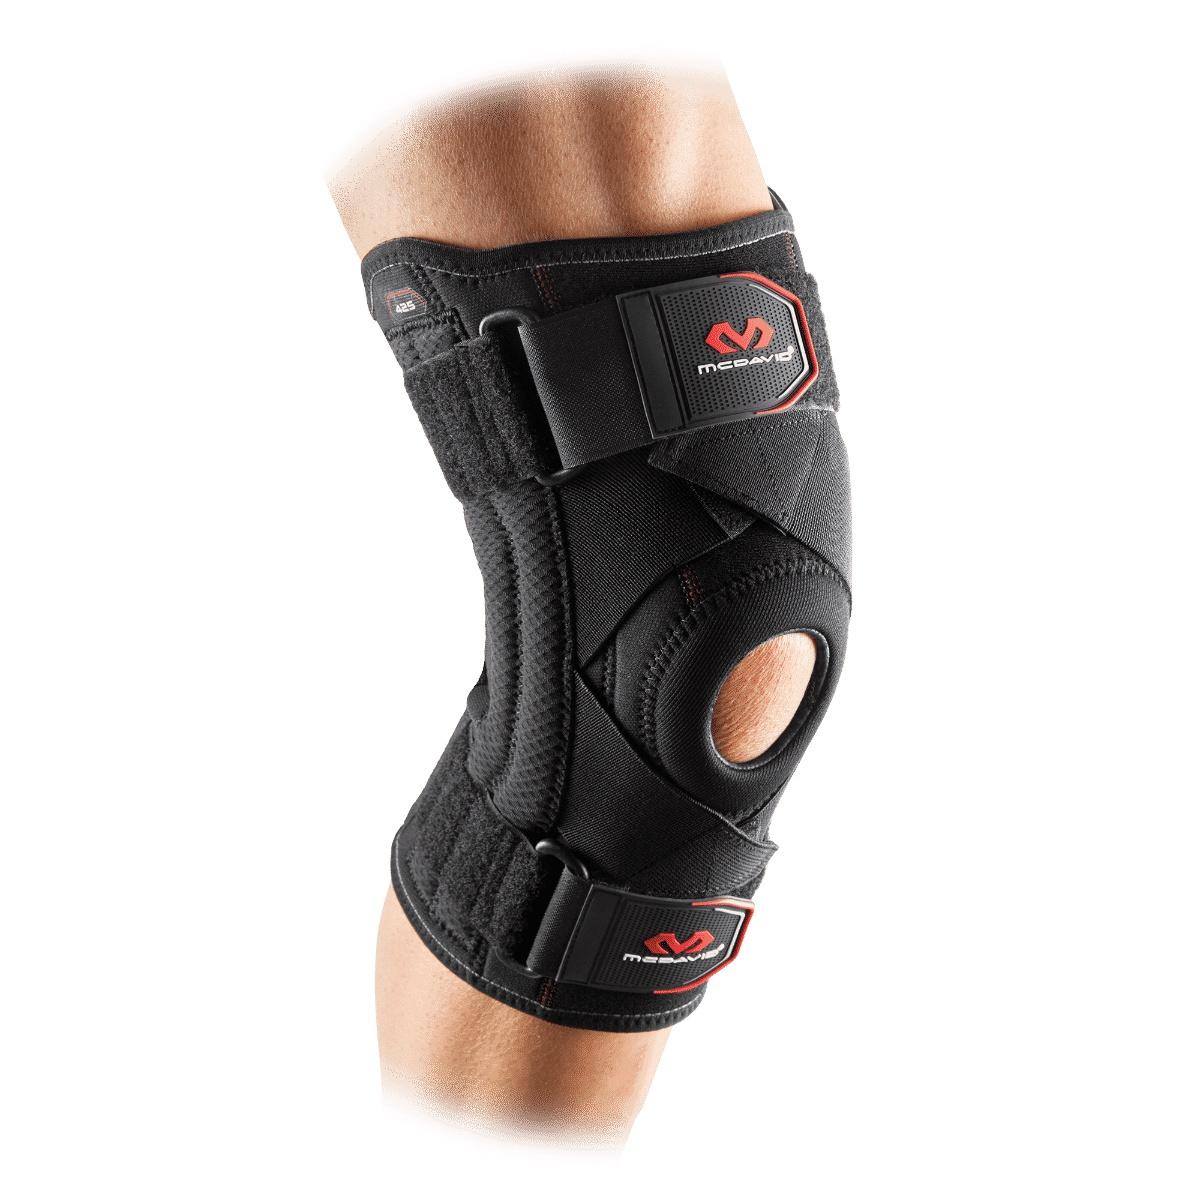 McDavid 425XL Неопреновый бандаж колена с ремнями для защиты крестообразных связок (McDavid 425)  #1